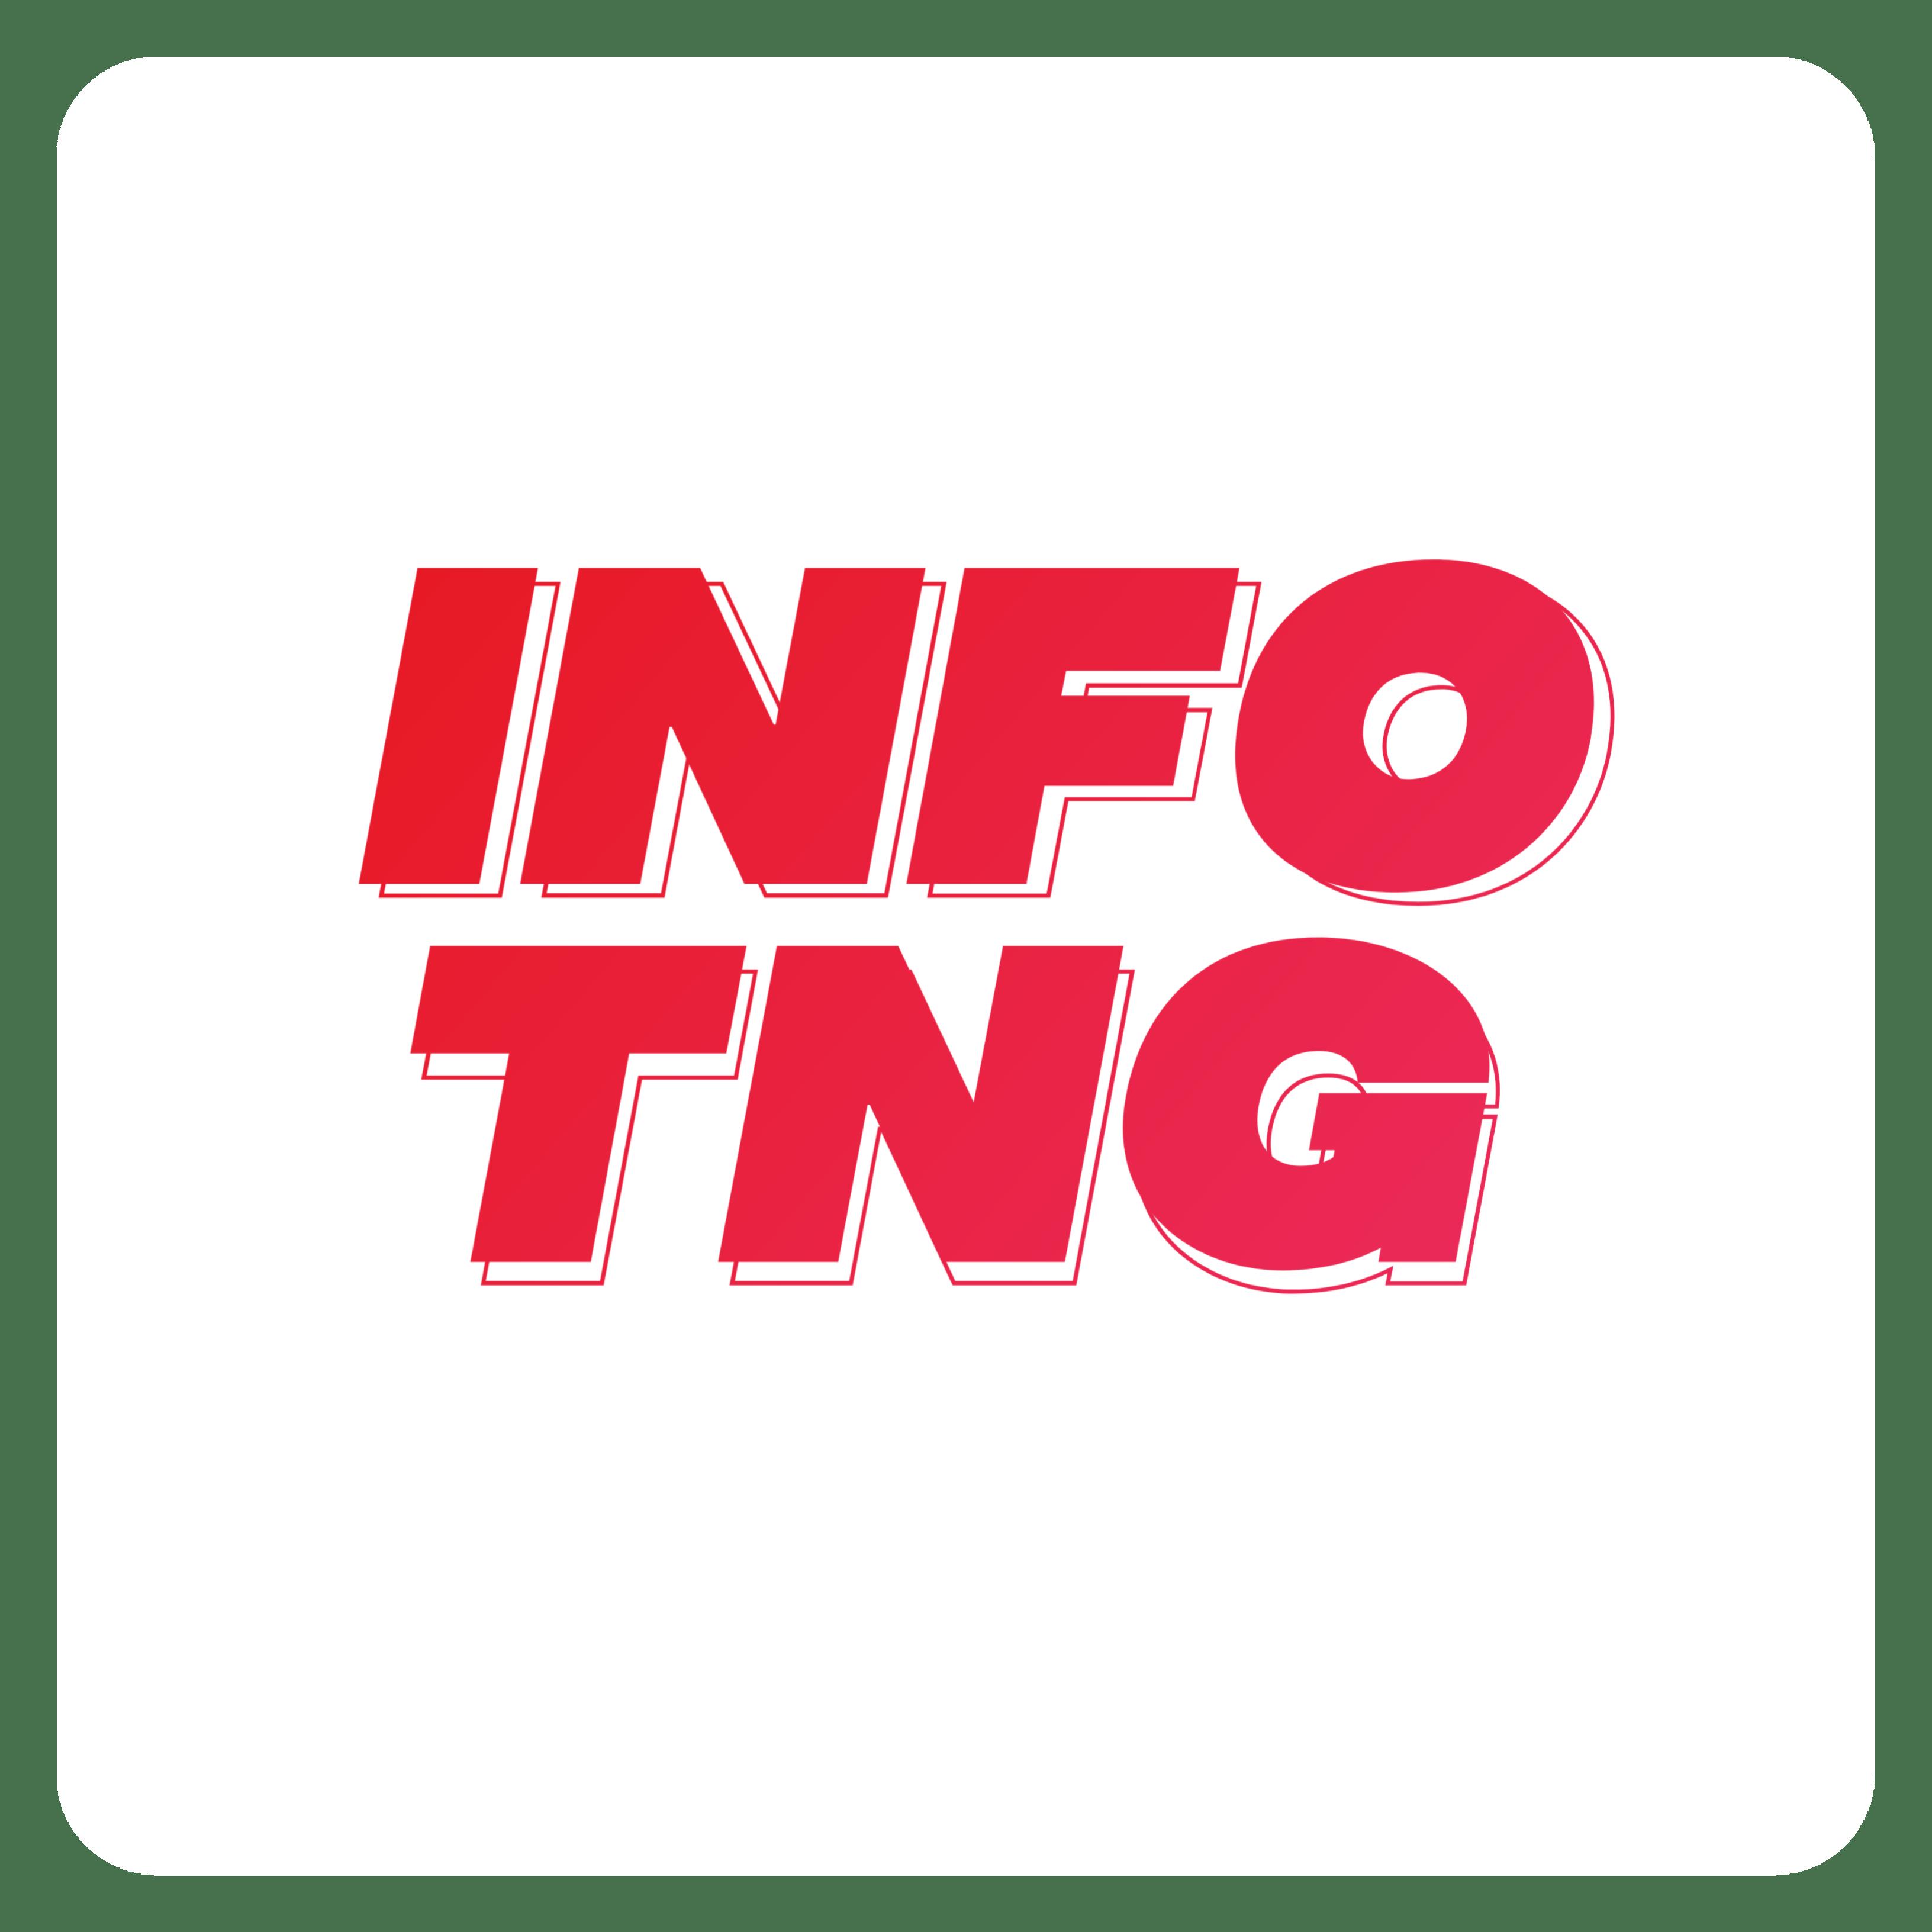 Akun youtube Calon sarjana hilang, Channel Calon Sarjana Hilang, Dihapus YouTube?, INFO TANGERANG, INFO TANGERANG